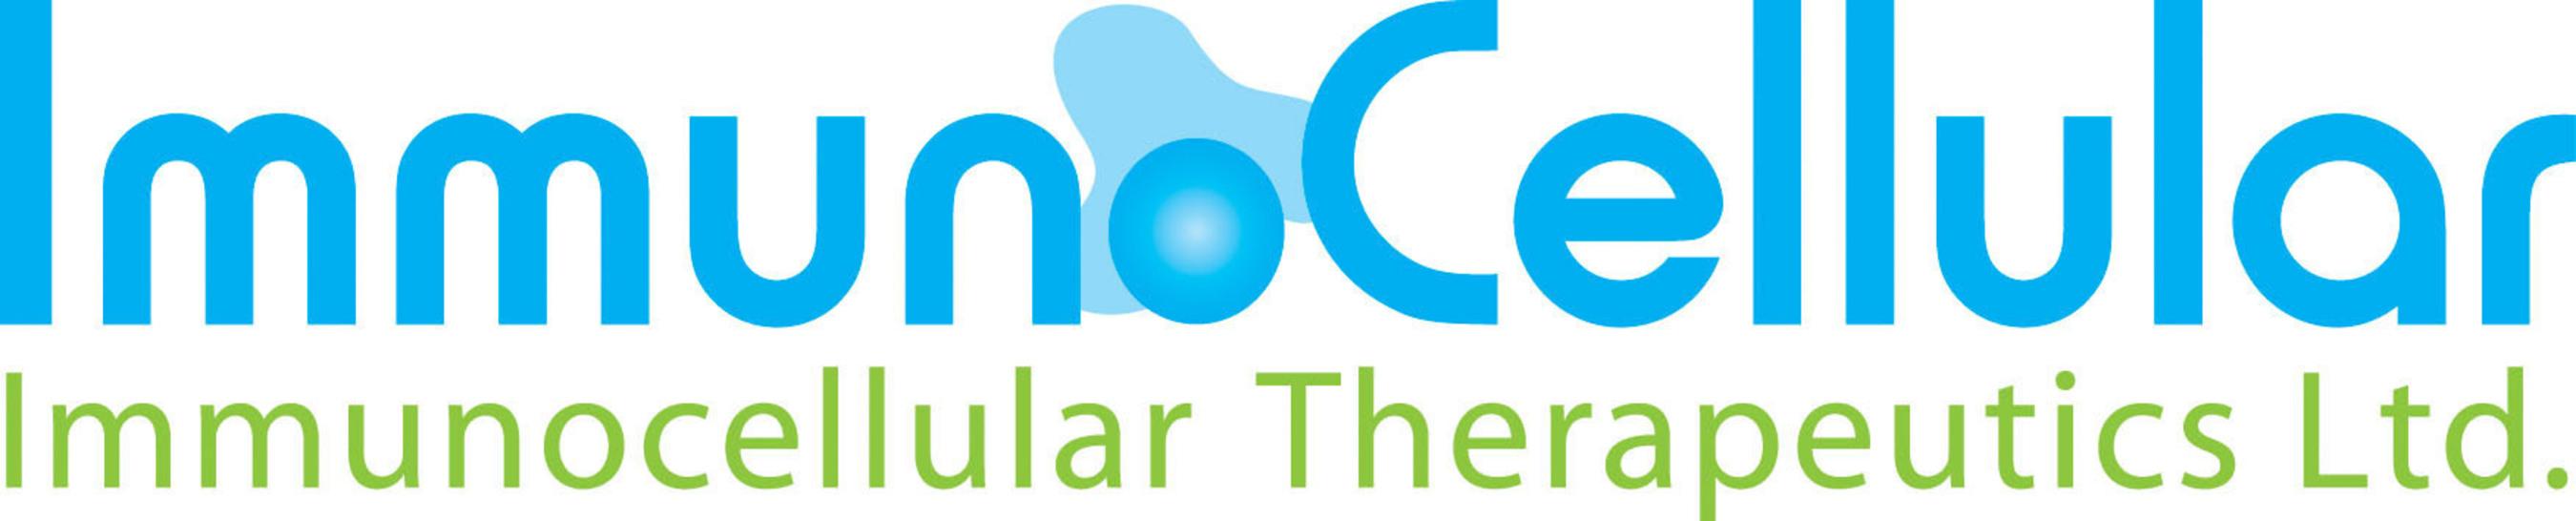 ImmunoCellular Therapeutics Logo.